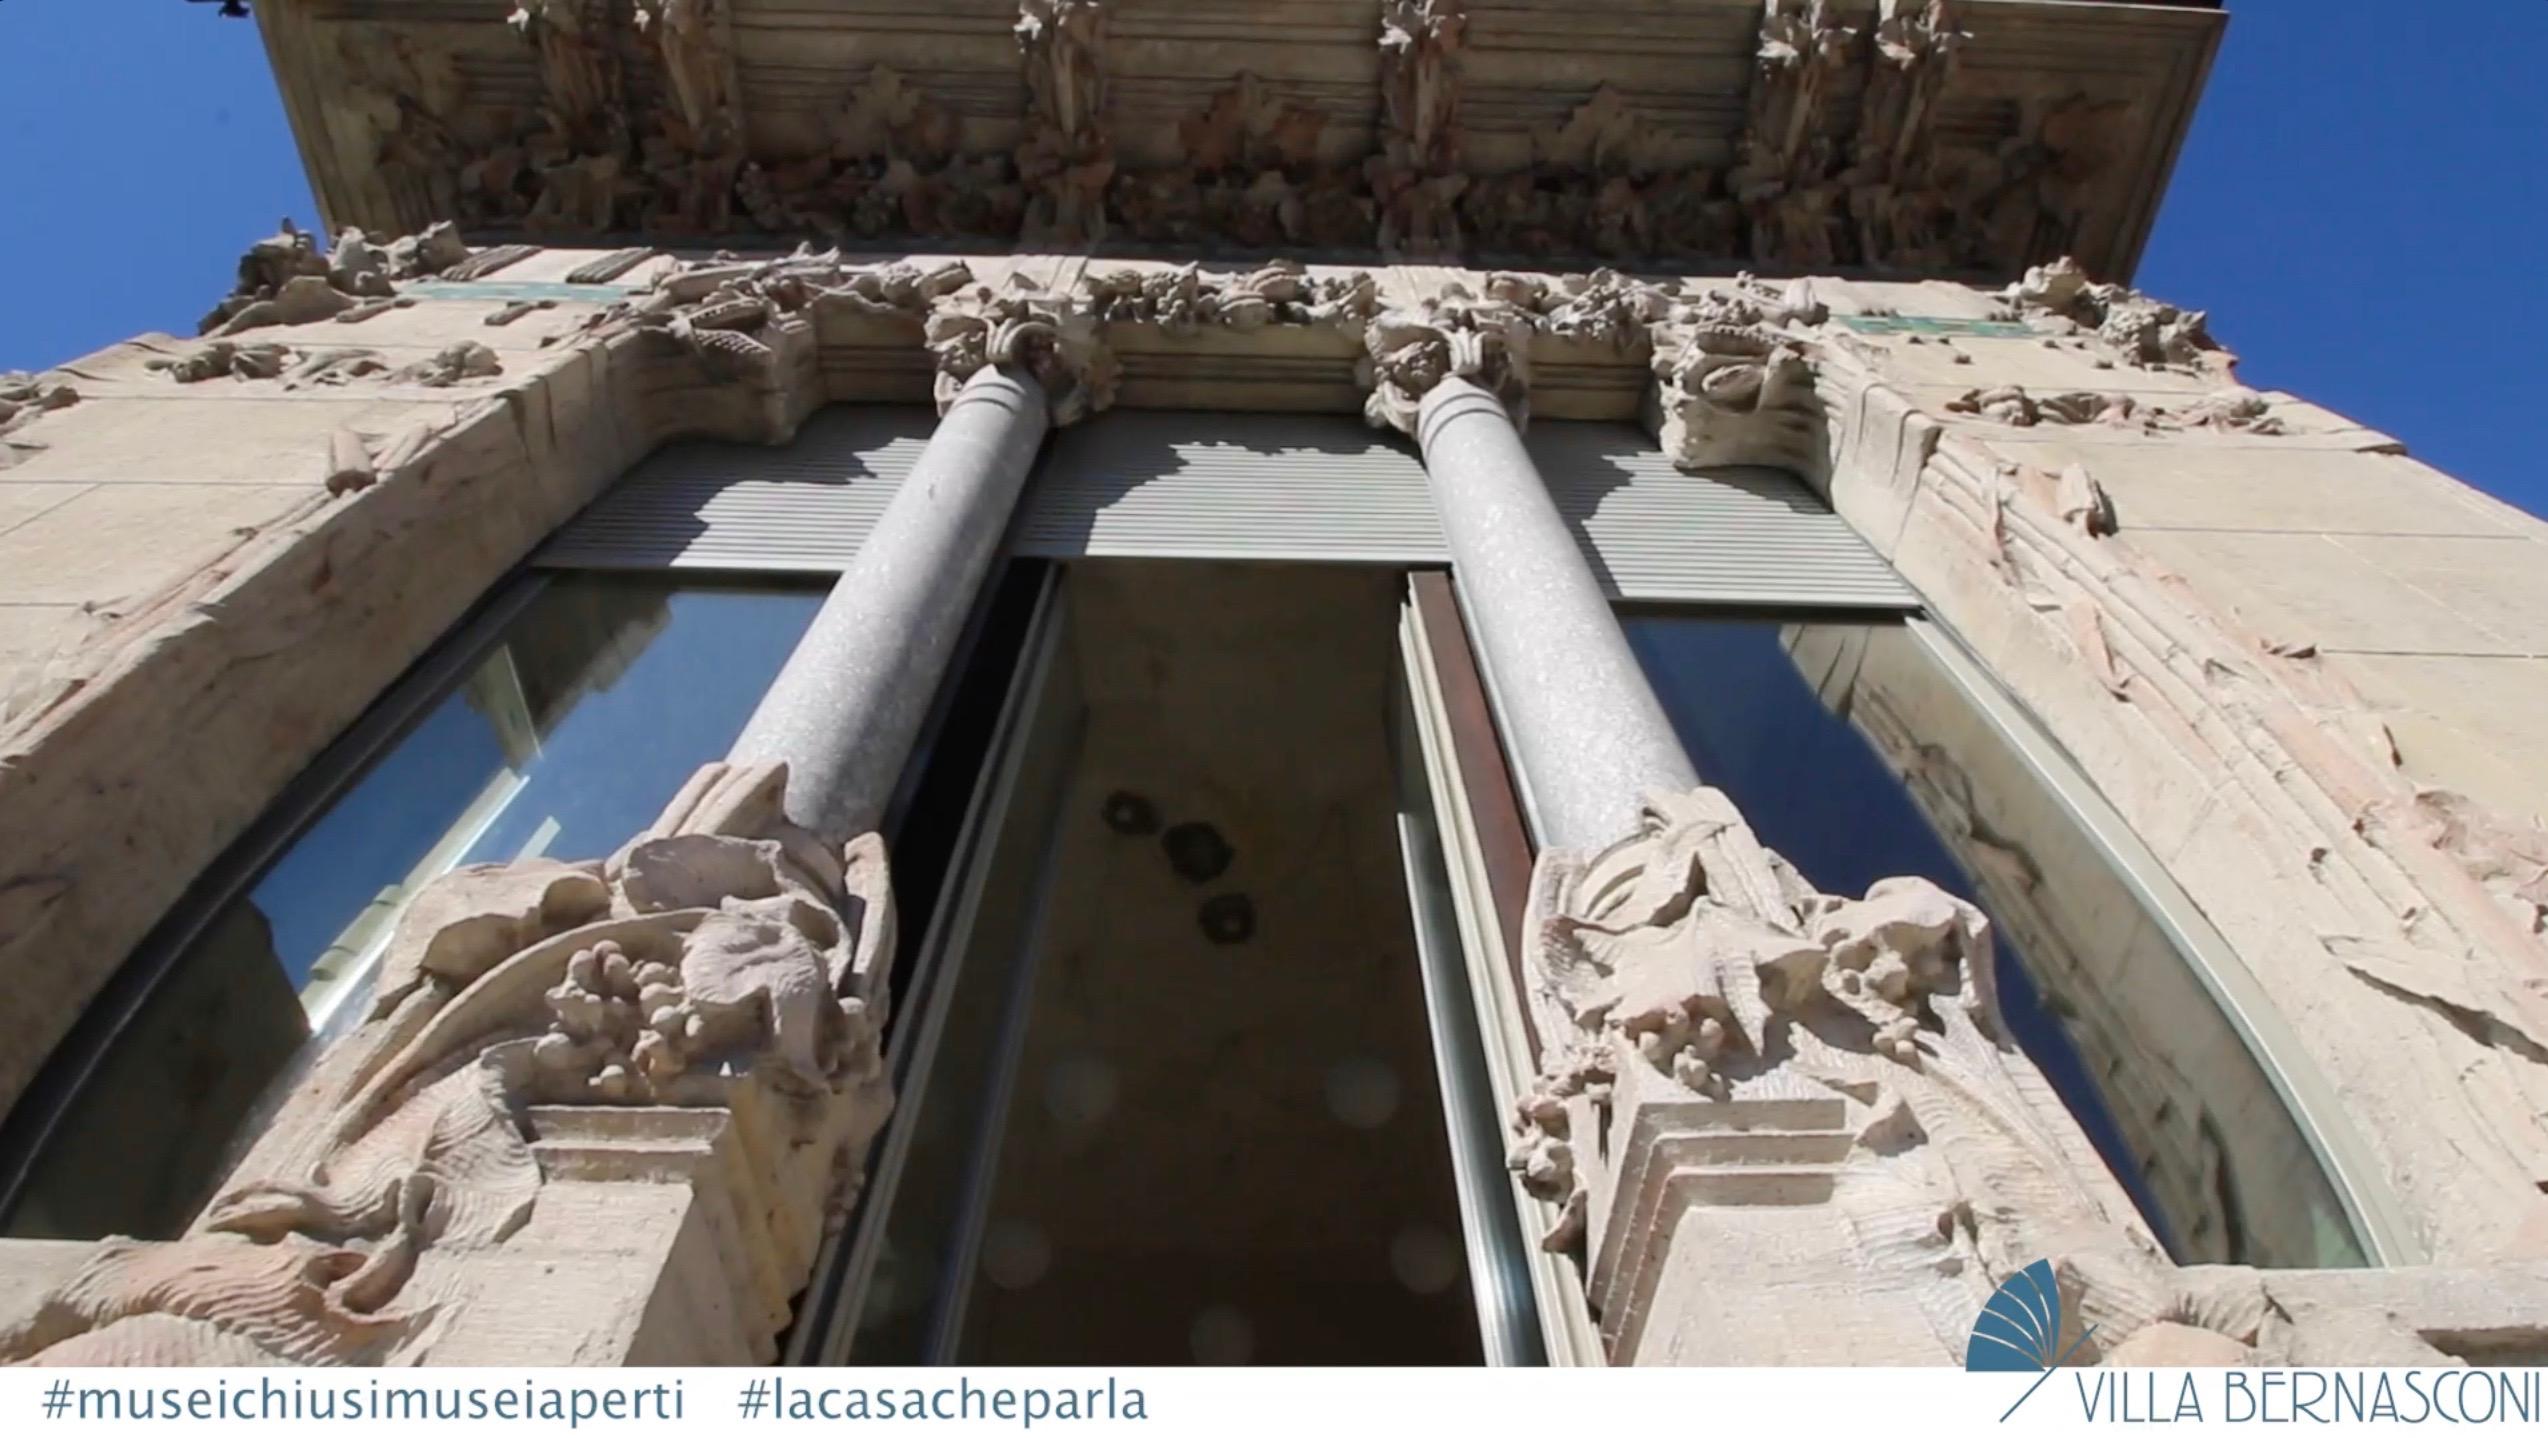 Musei aperti con #museichiusimuseiaperti